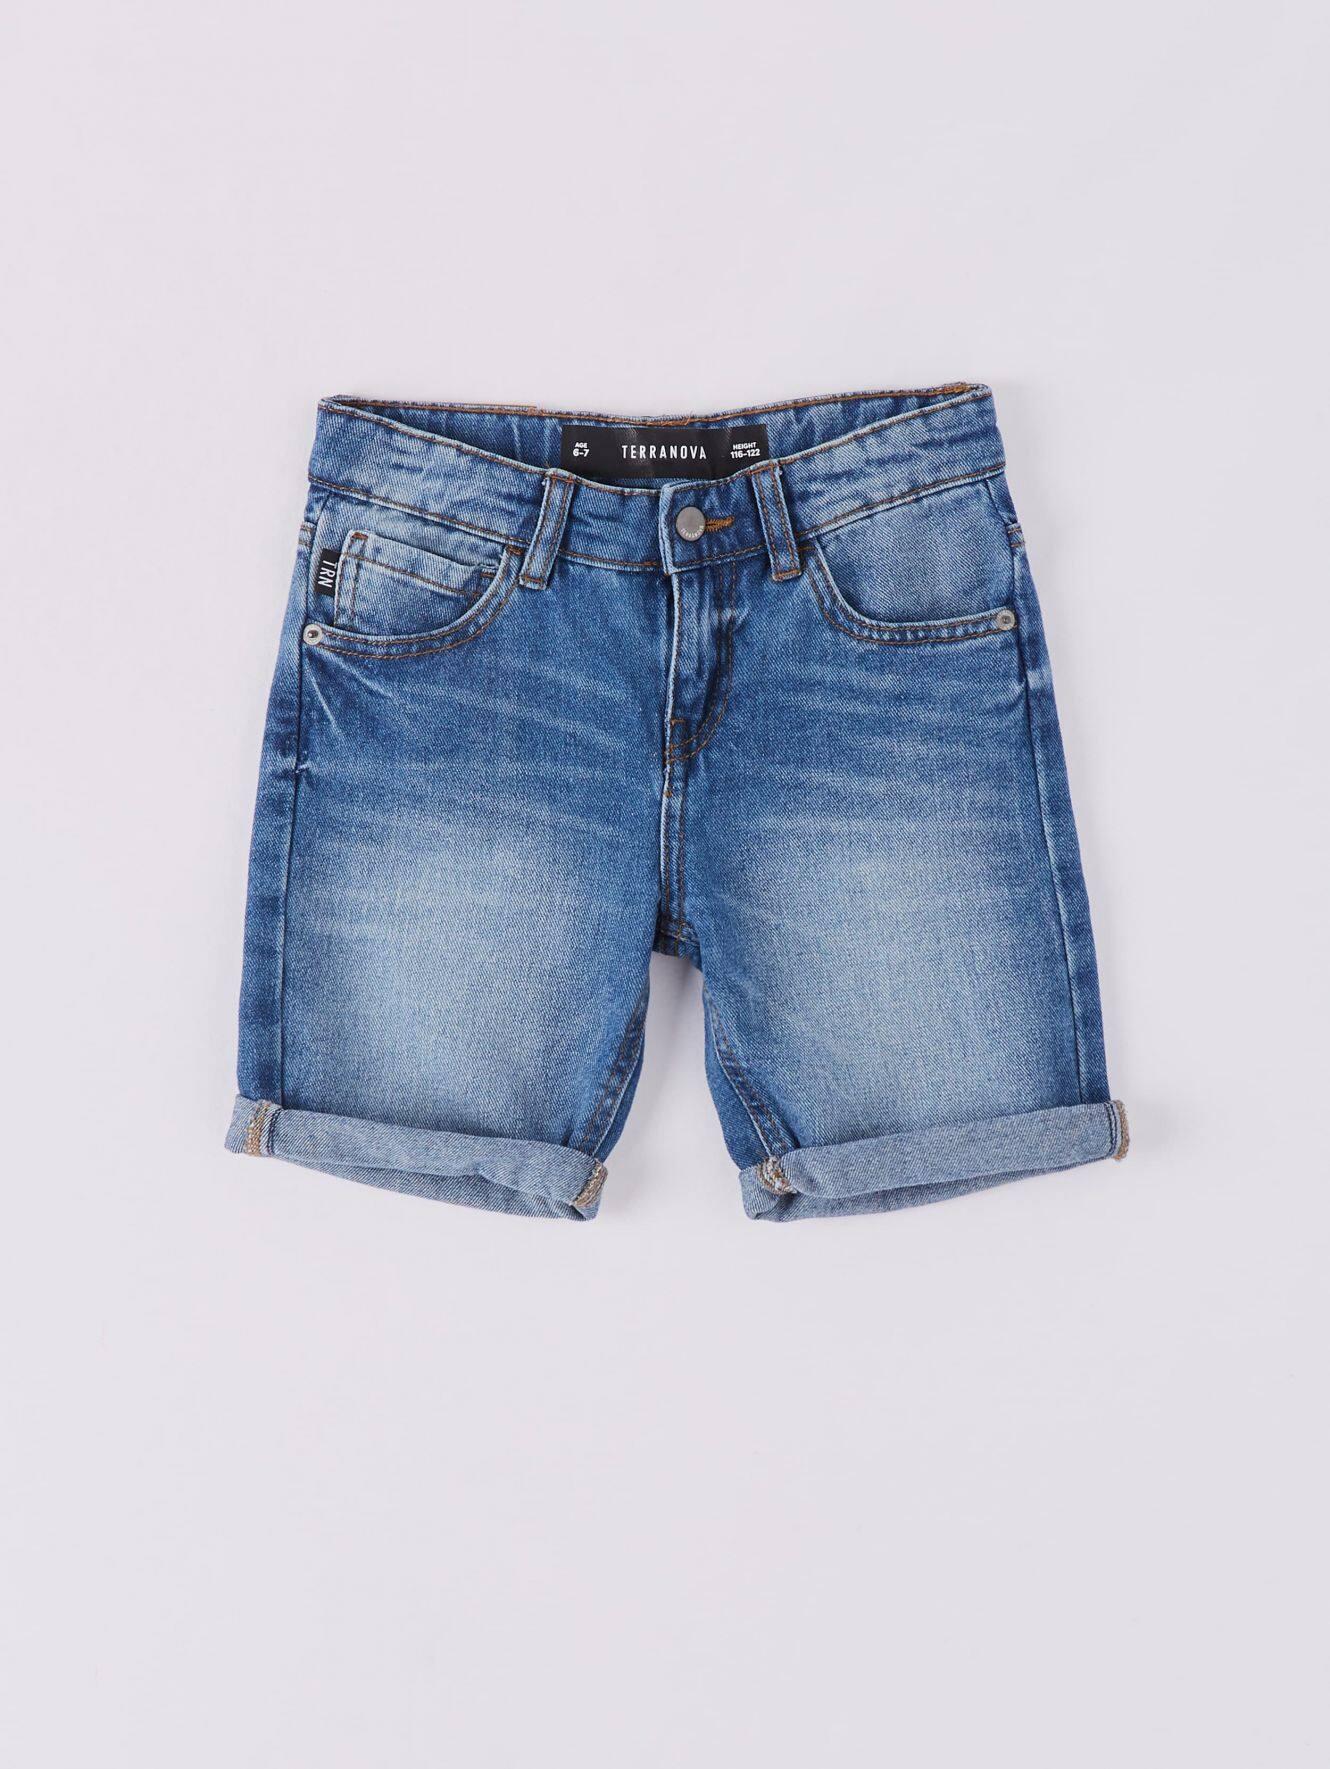 Pantalone Jeans Corto Bambino Terranova